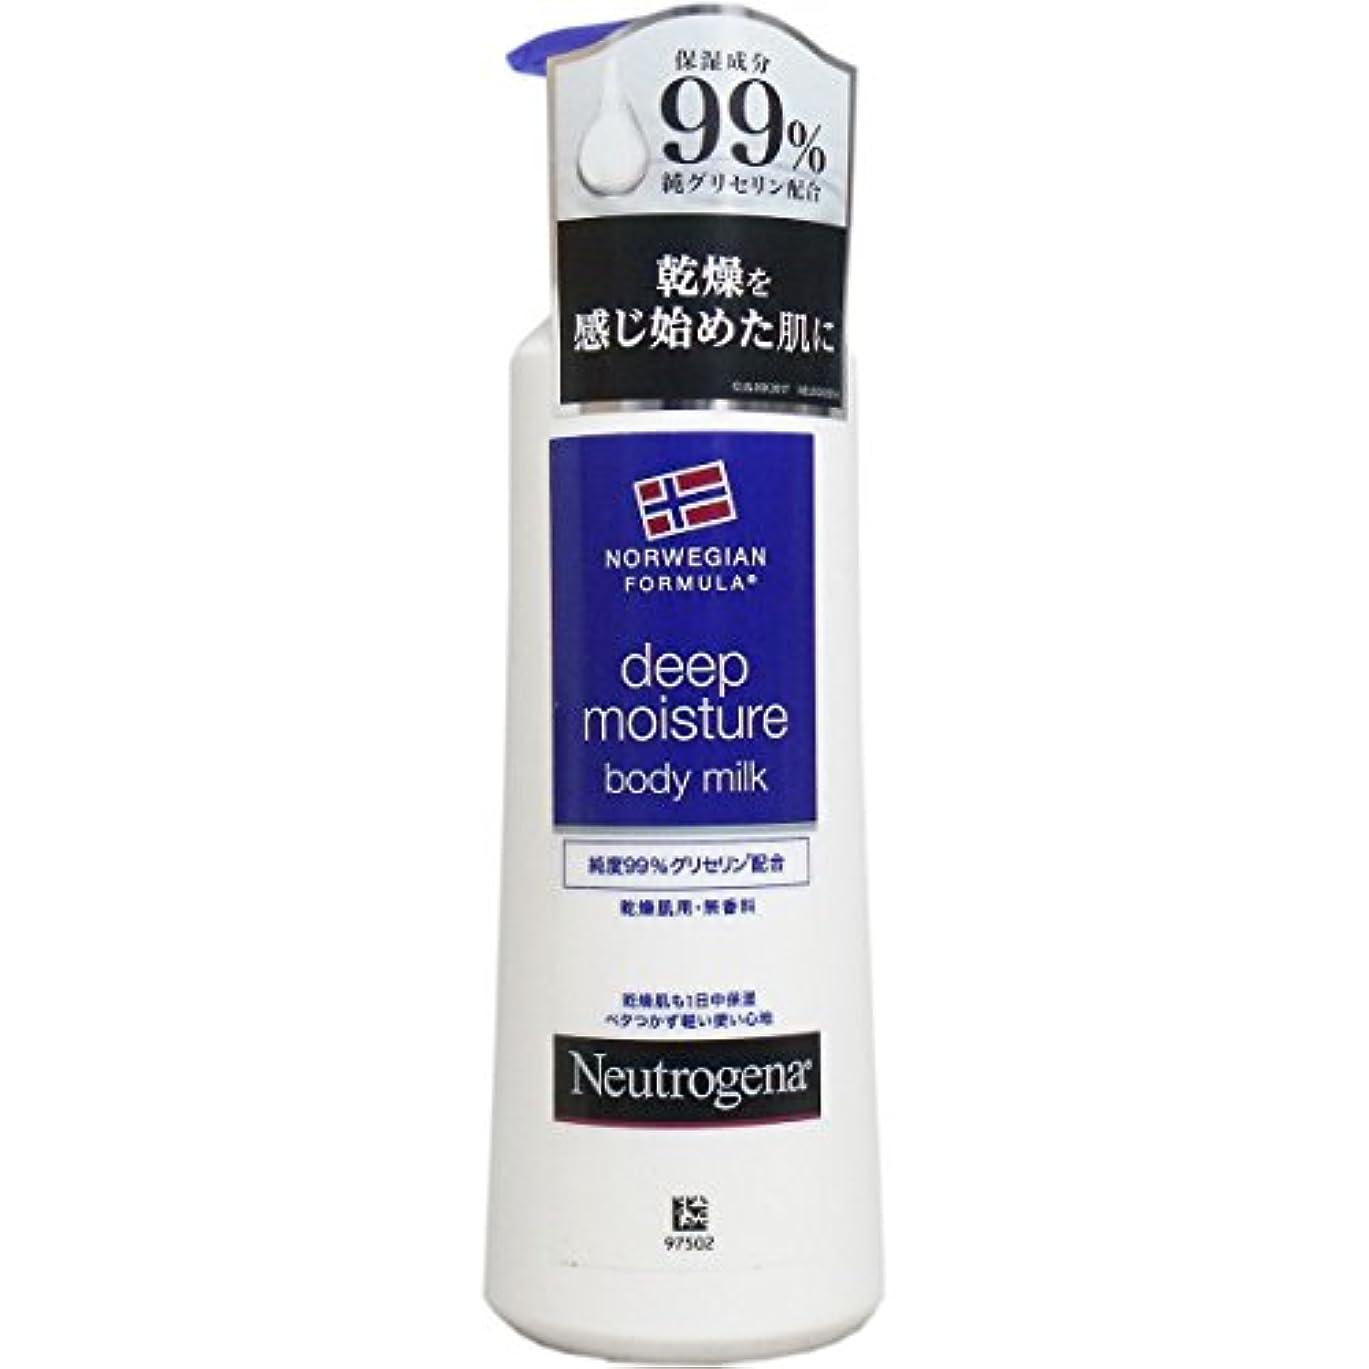 千放射能ヘルシー【まとめ買い】Neutrogena(ニュートロジーナ) ノルウェーフォーミュラ ディープモイスチャー ボディミルク 乾燥肌用 無香料 250ml×4個